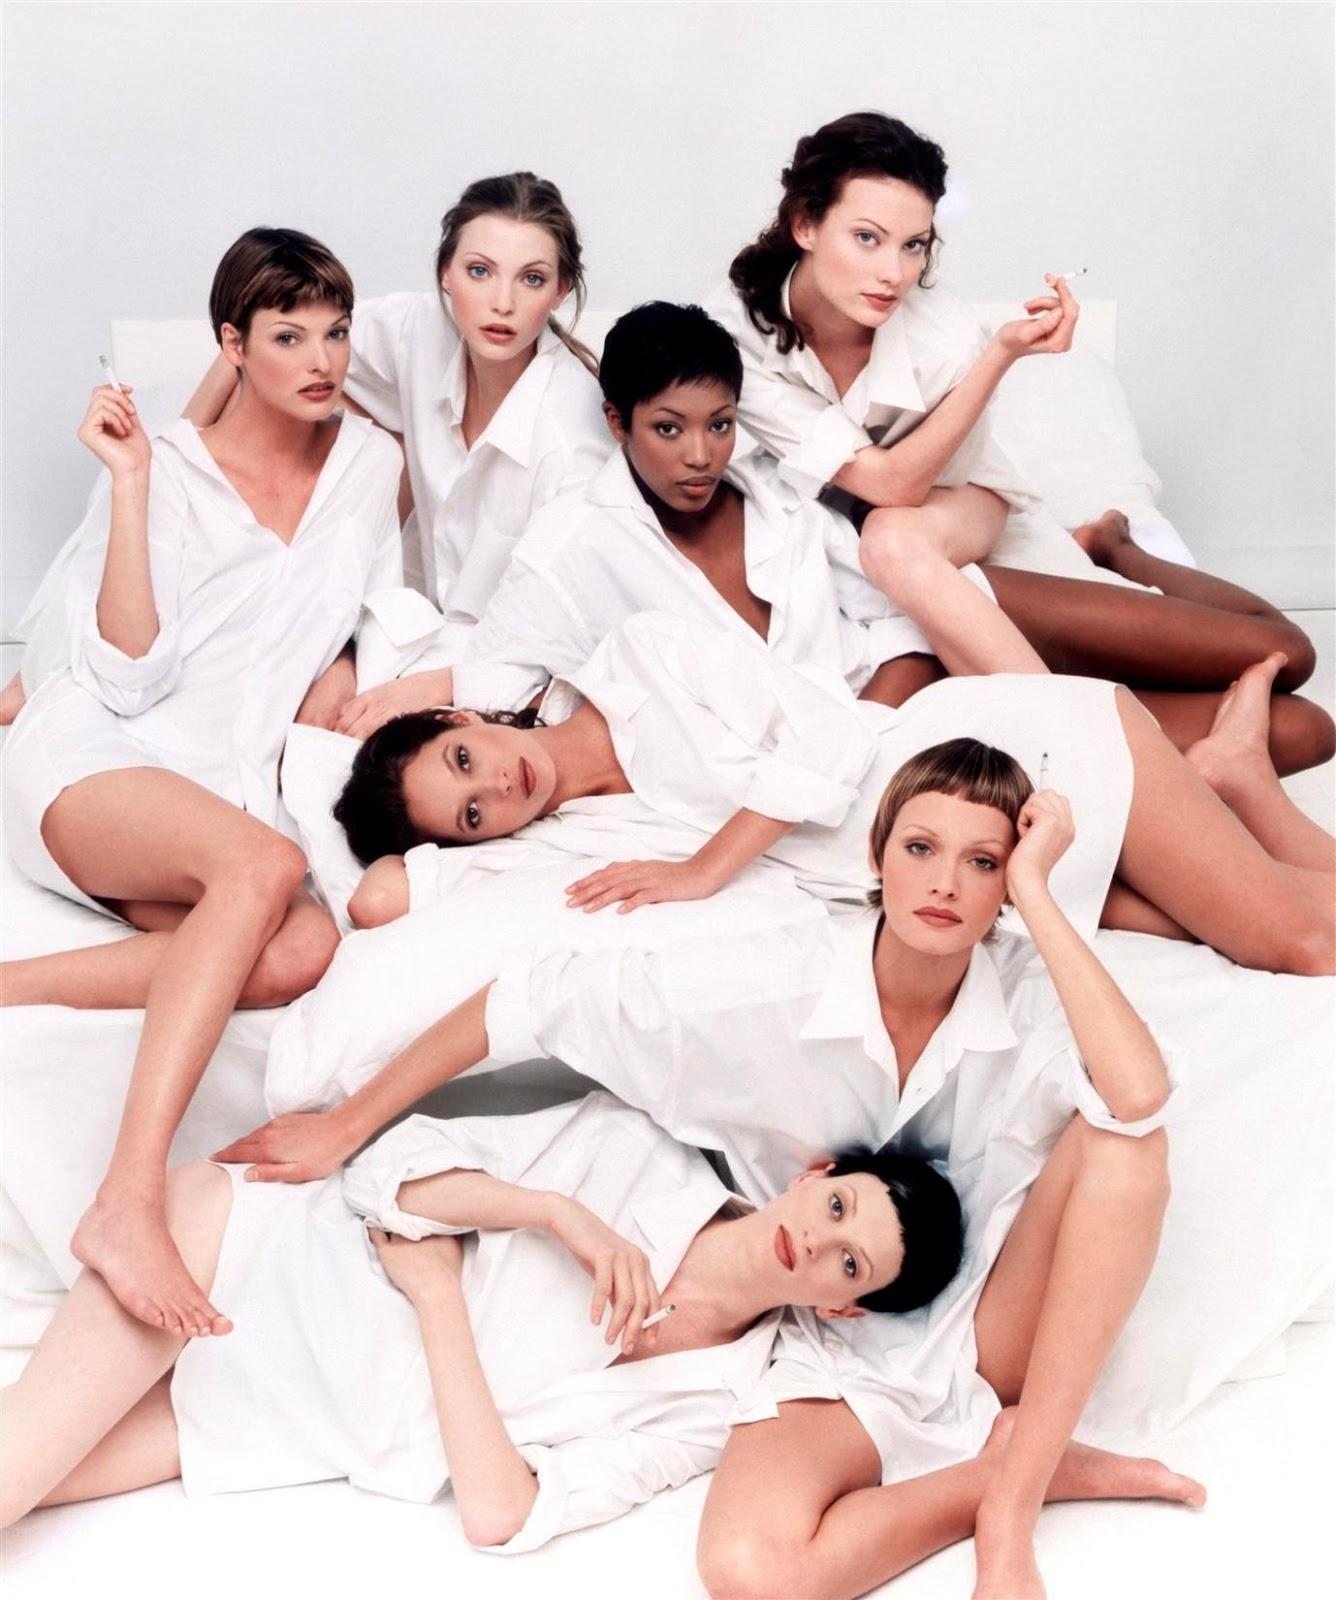 http://3.bp.blogspot.com/-yZpzot-D4h0/TjTq_l9euFI/AAAAAAAACV0/sDBp8oS0SLs/s1600/Group+shot+Italia+Vogue+May+1993+Meisel.jpg